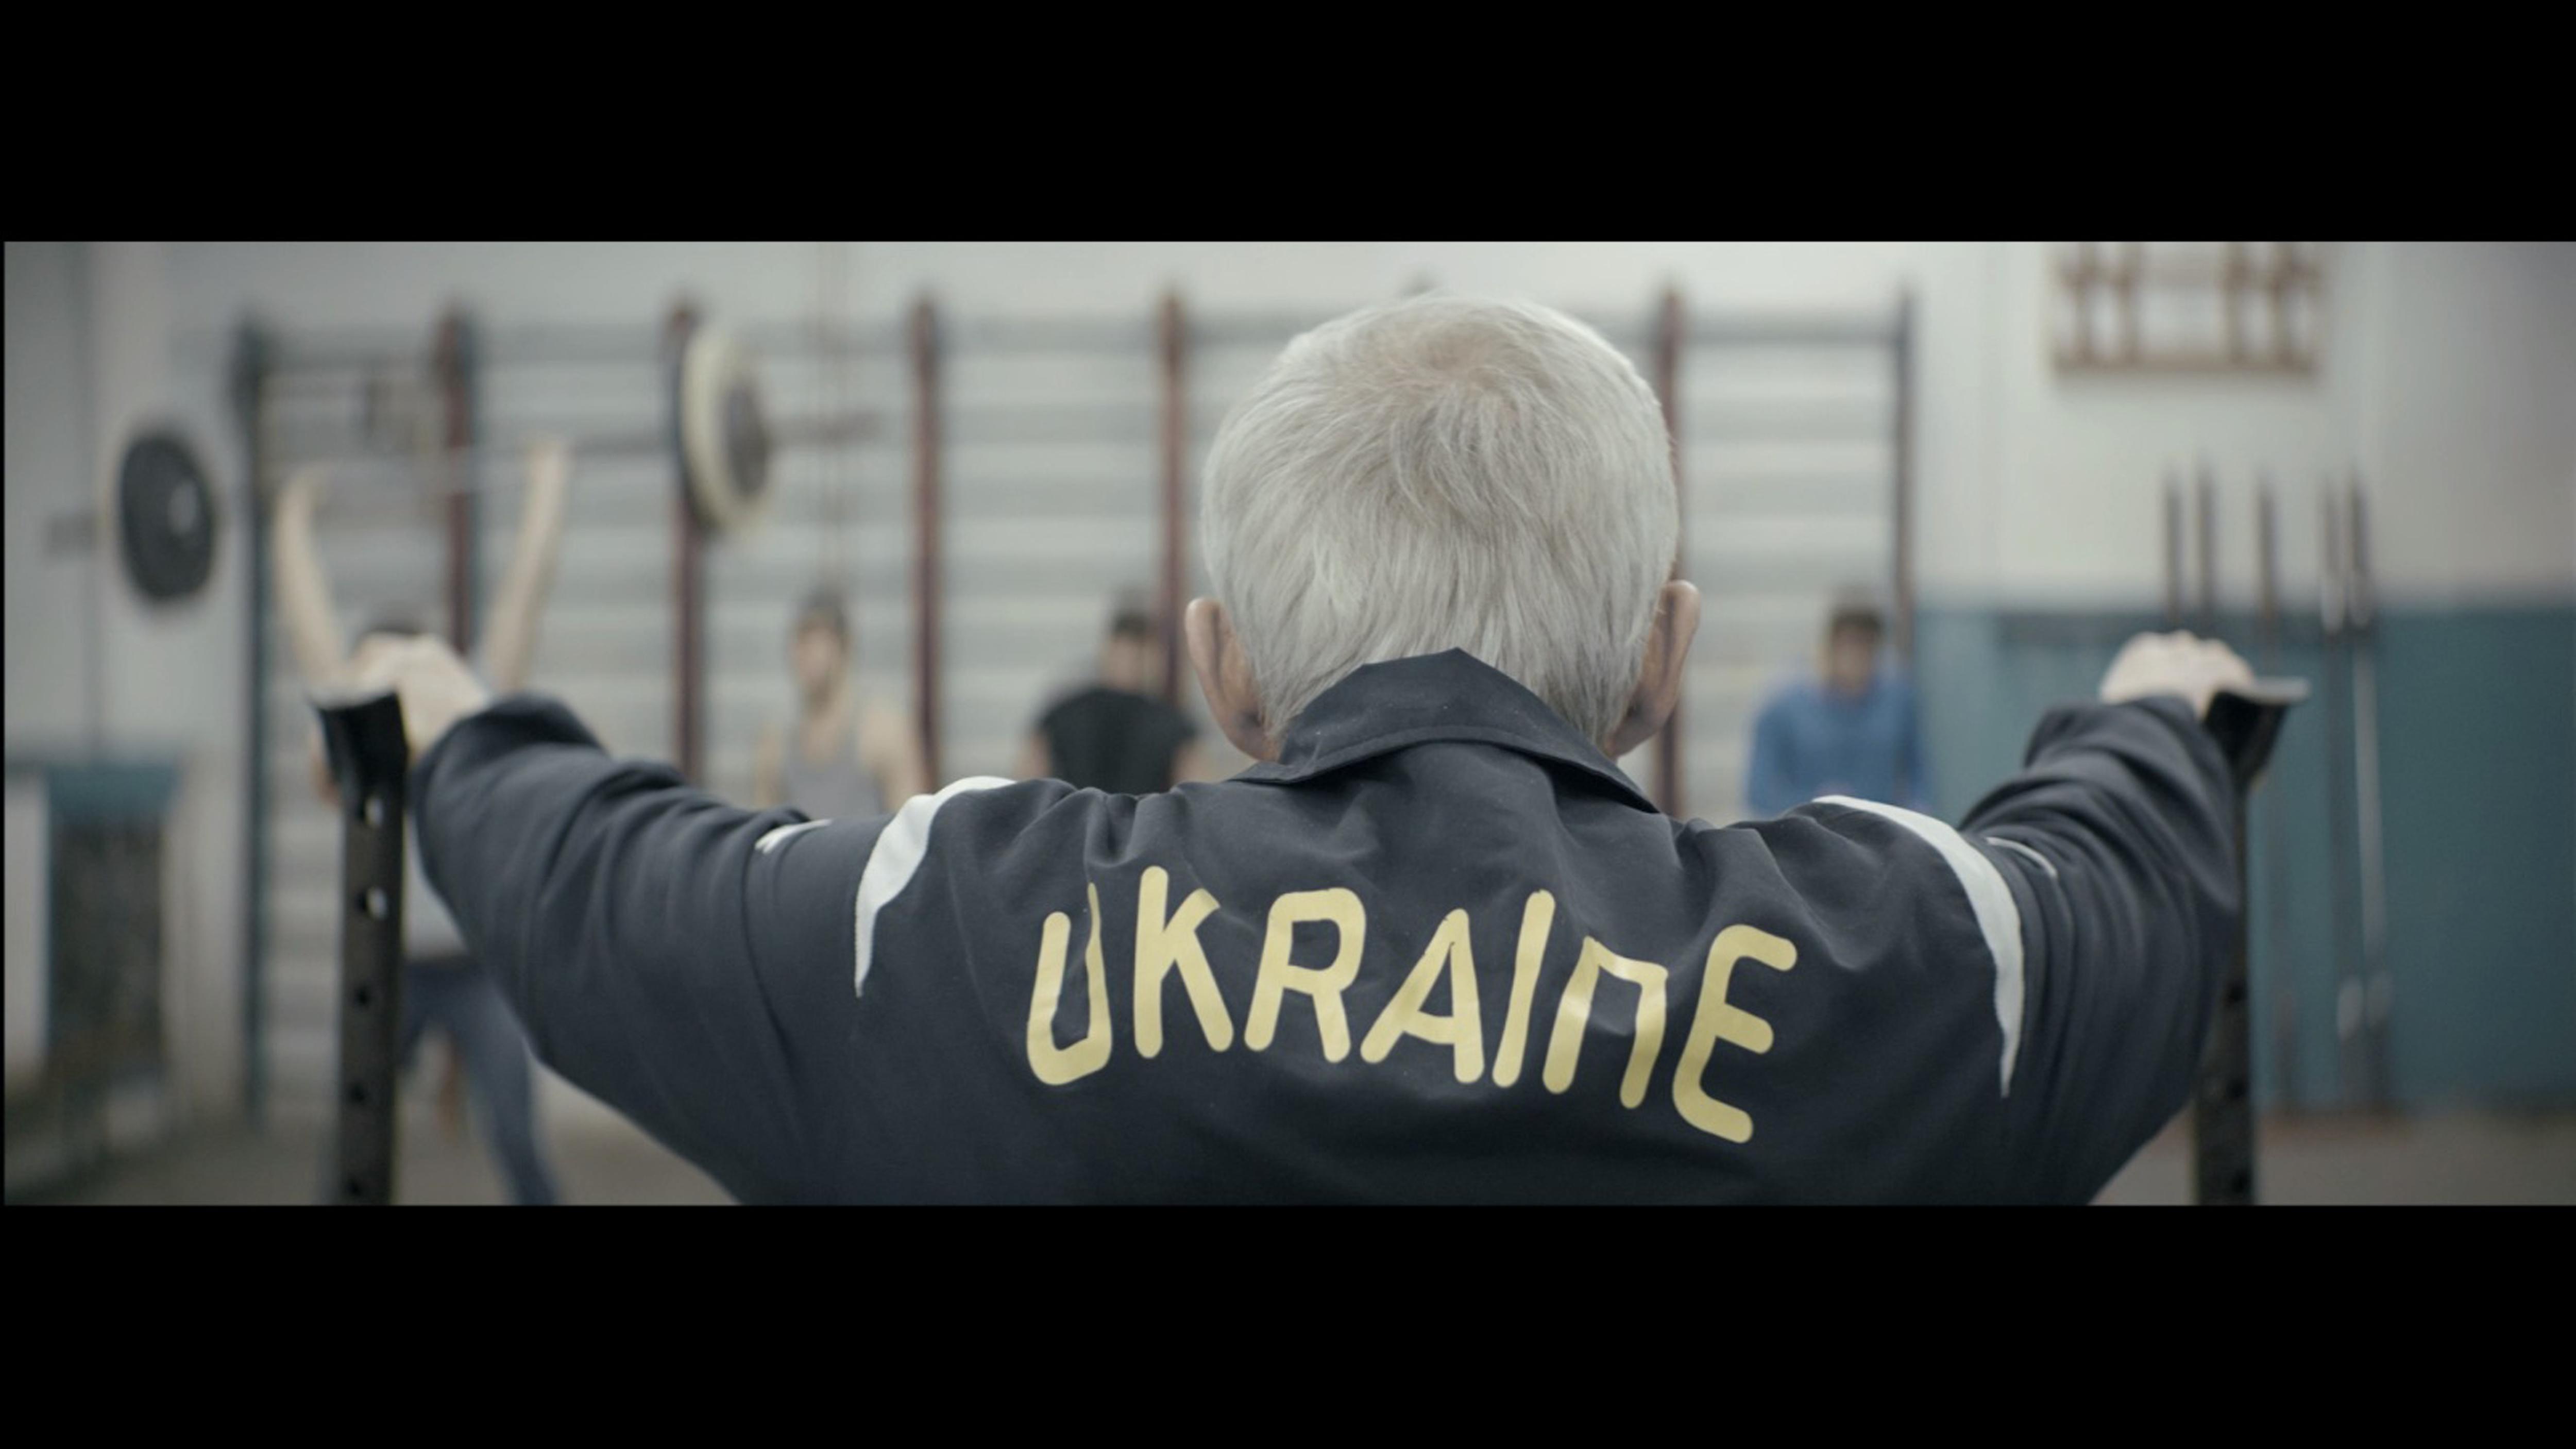 Український «Штангіст» отримав Гран-прі та ще три нагороди на кінофестивалі в Польщі